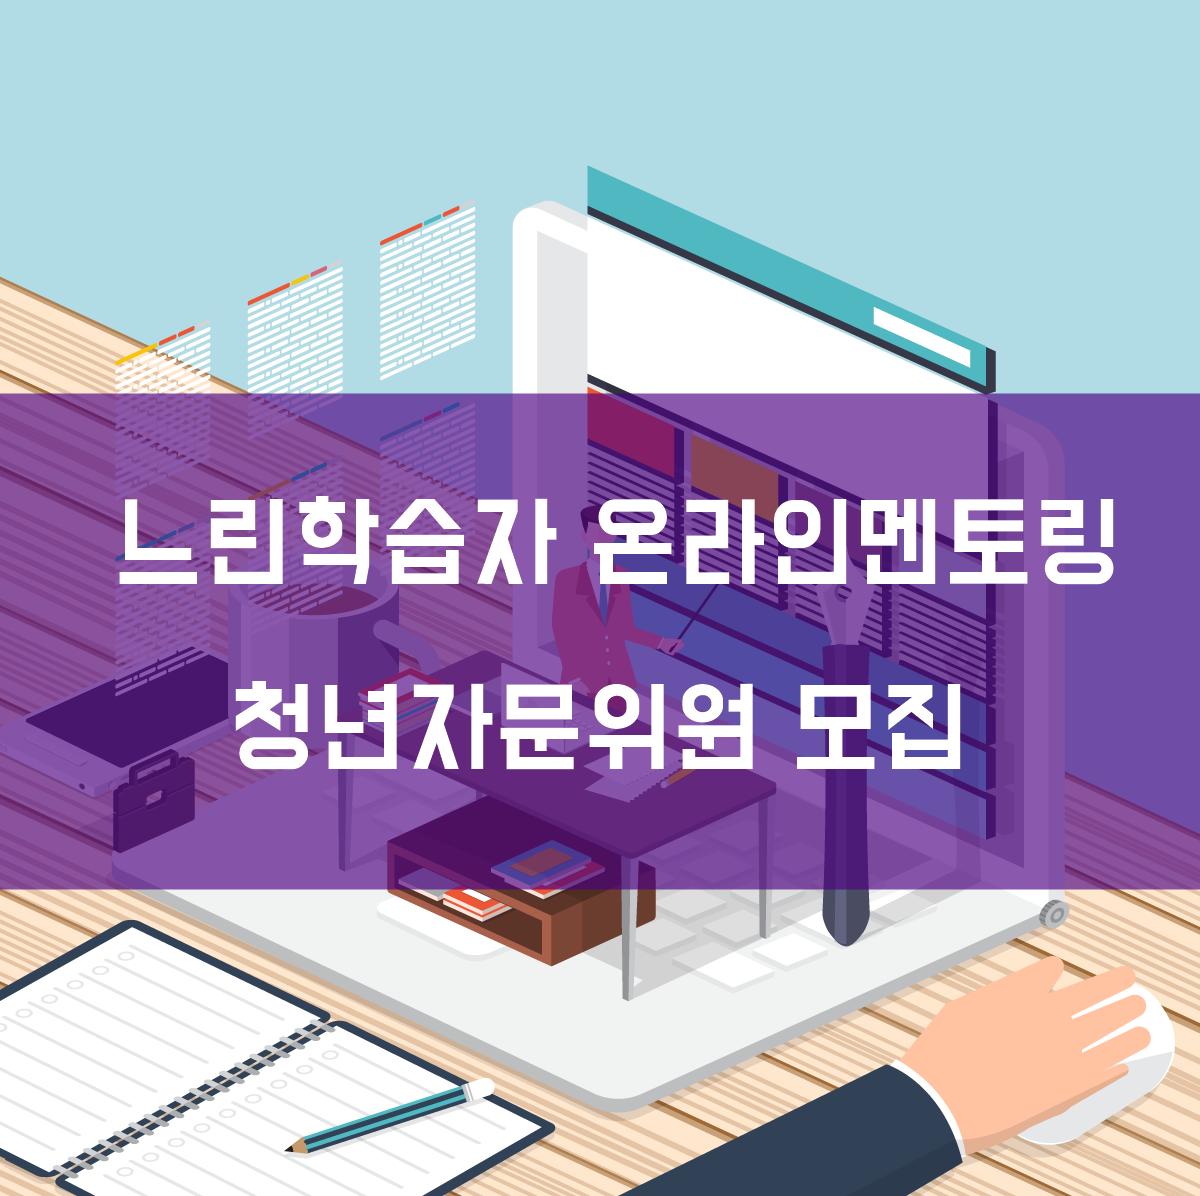 [피치마켓] 느린학습자 온라인멘토링 청년자문위원 모집